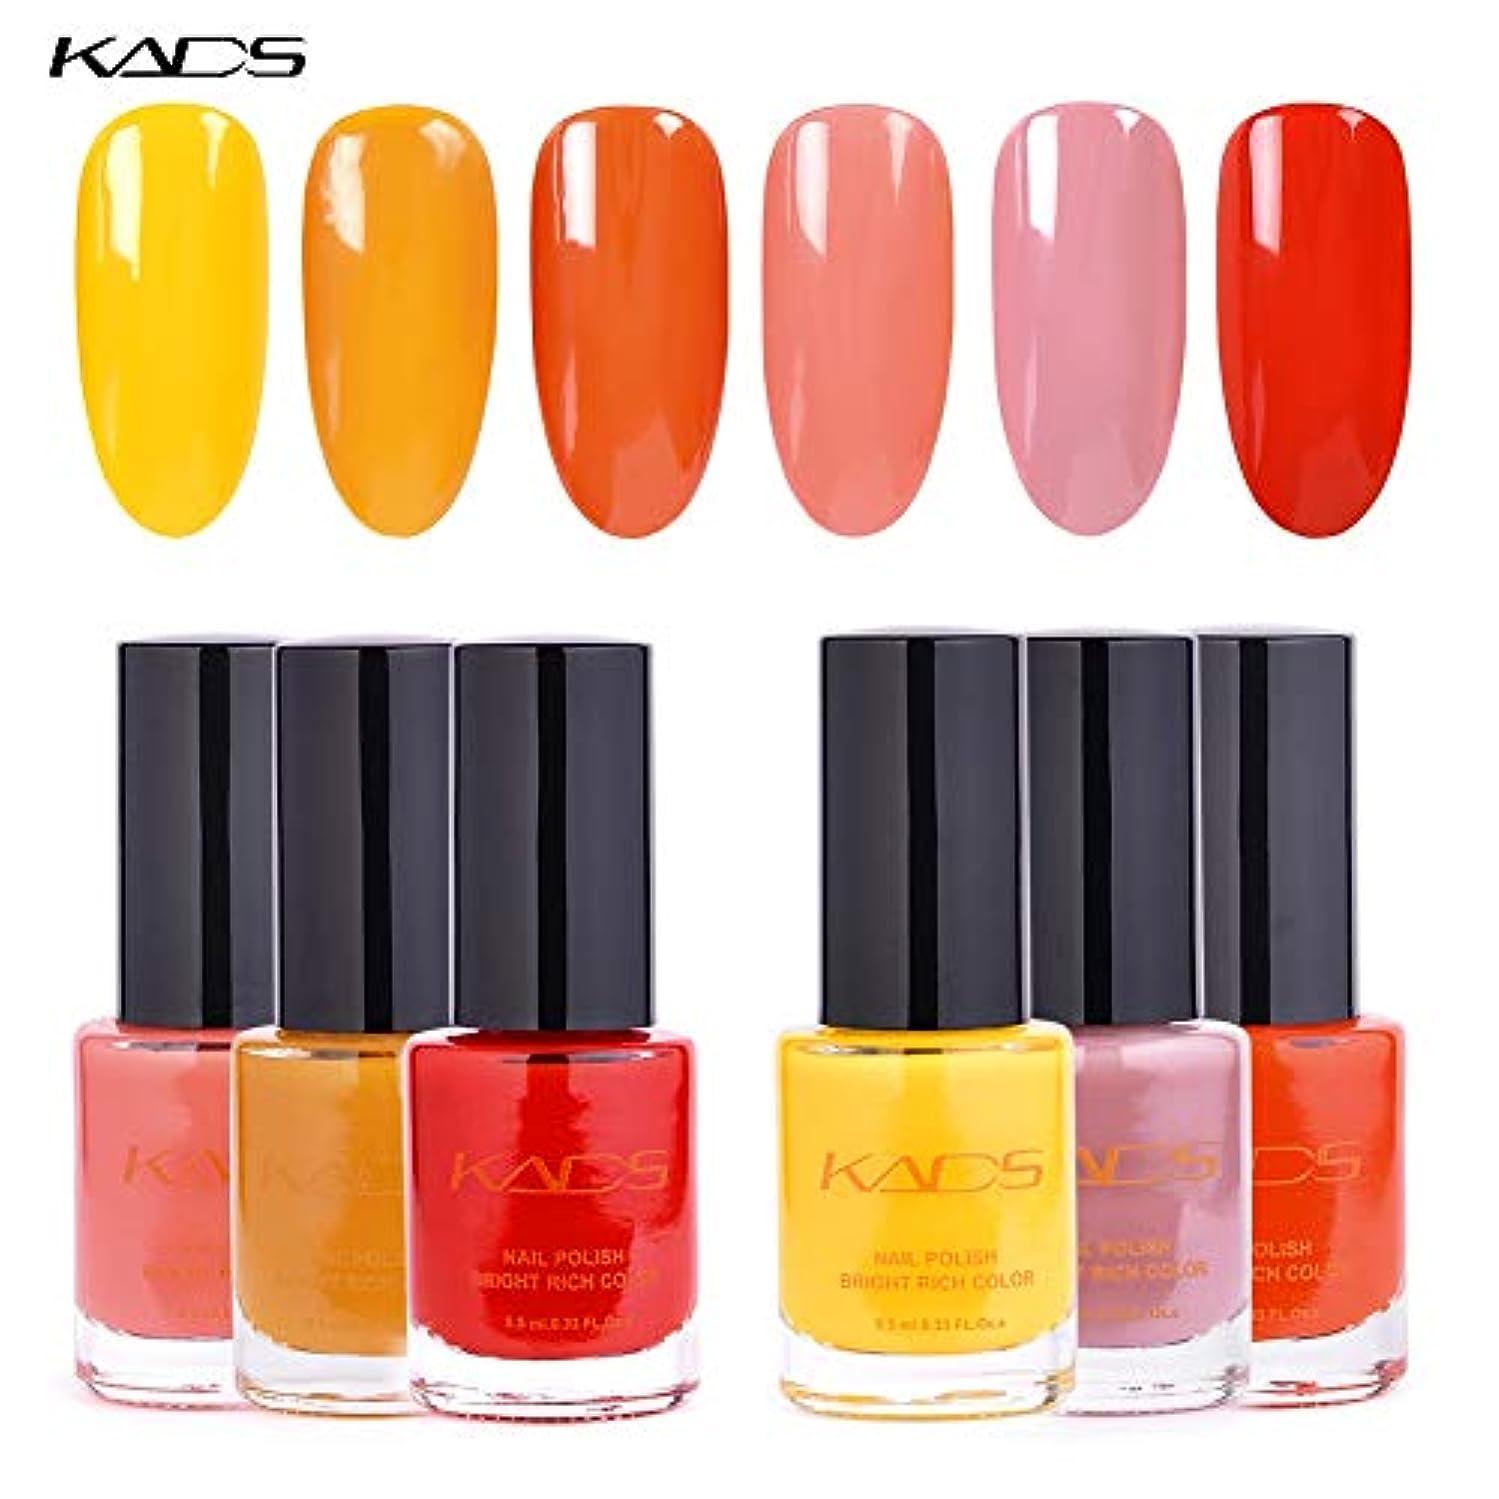 メニュー栄光血まみれのKADS ネイルポリッシュ ゼリーシリーズ ピンク/オレンジ/イエロー 6色入り 9.5ML 艶長持ち マニキュアセット